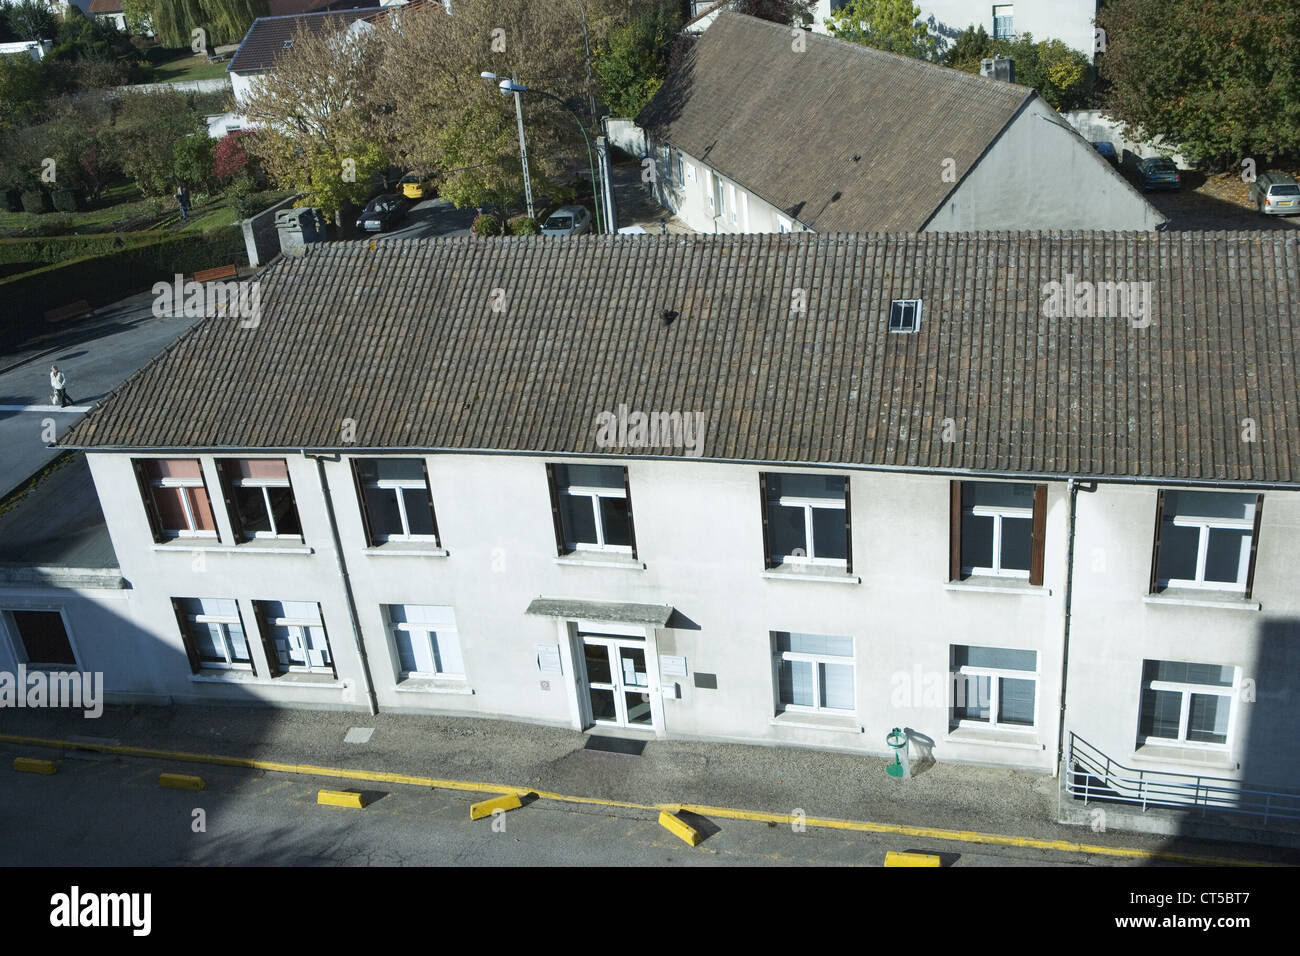 PROVINCIAL HOSP., MEAUX, FR. - Stock Image